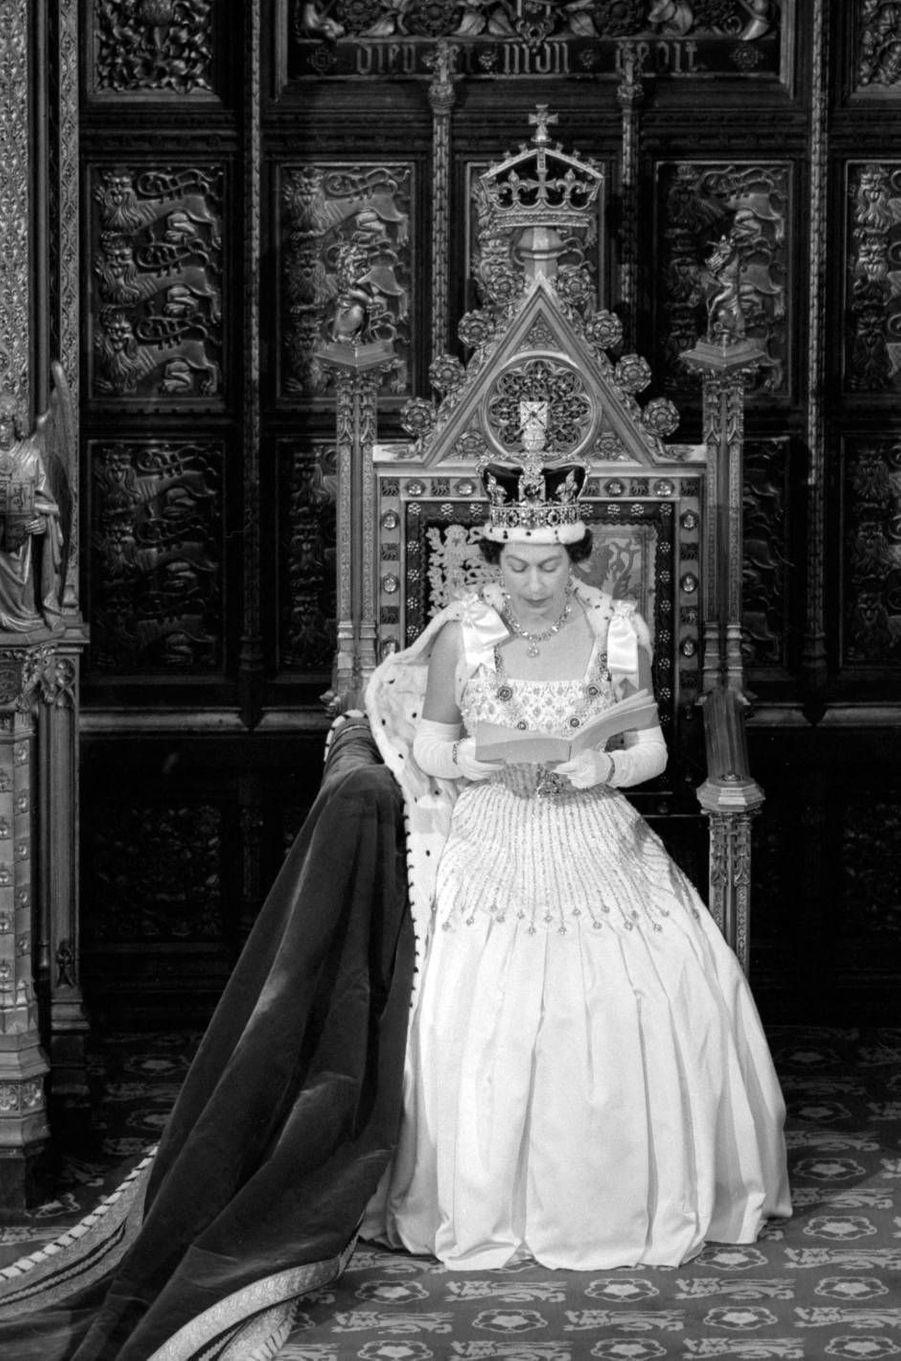 La reine Elizabeth II lors de la cérémonie d'ouverture du Parlement britannique en 1966. Elle portait une robeNorman Hartnell.